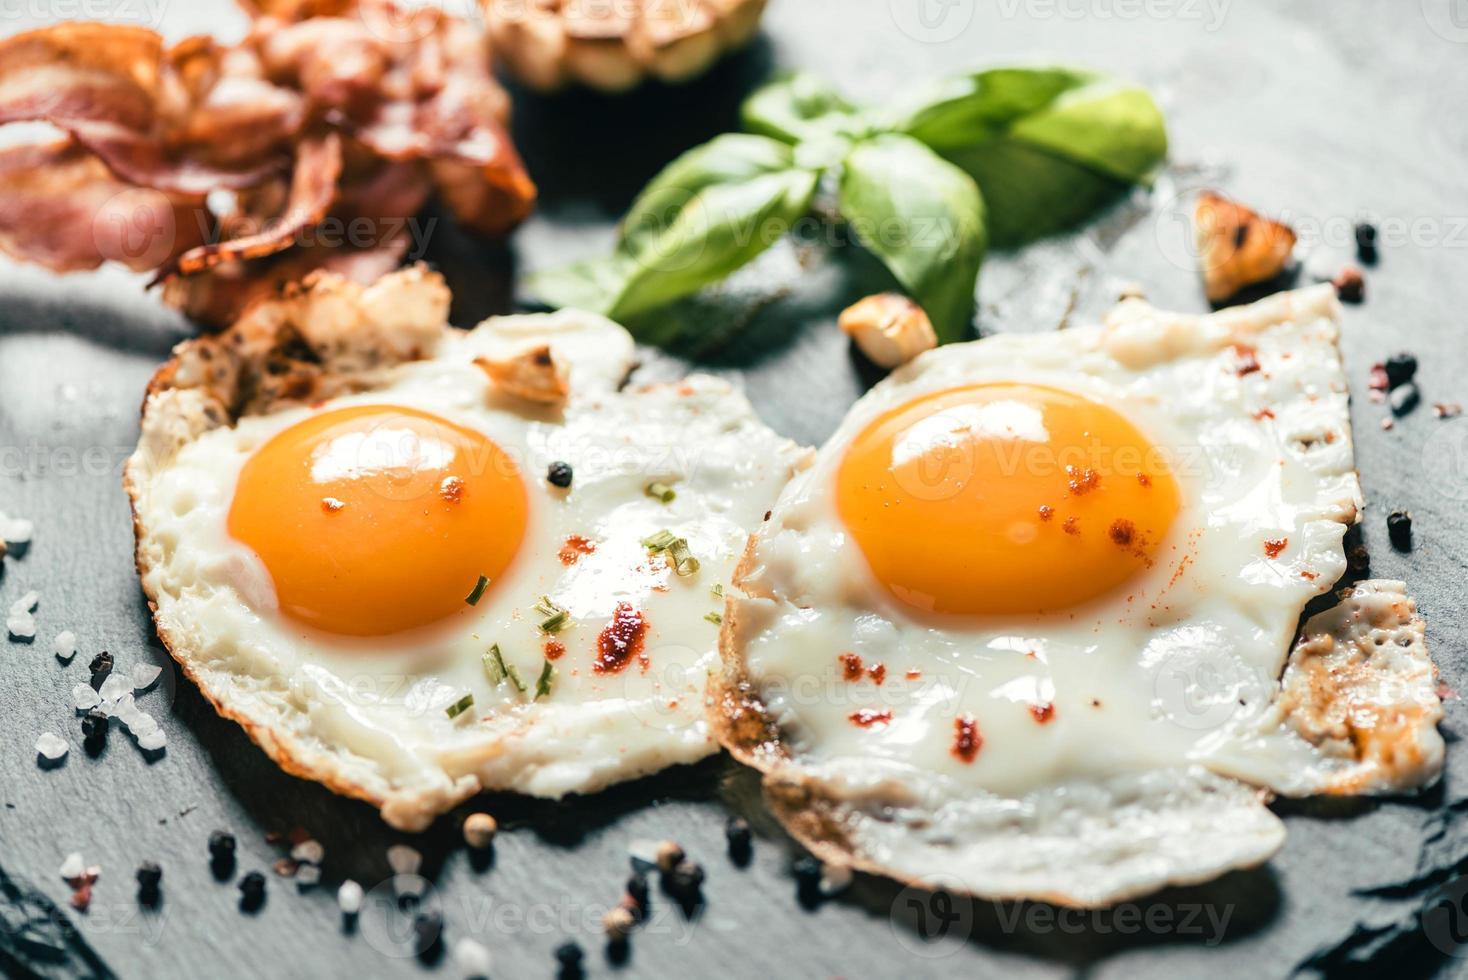 servido huevos fritos foto